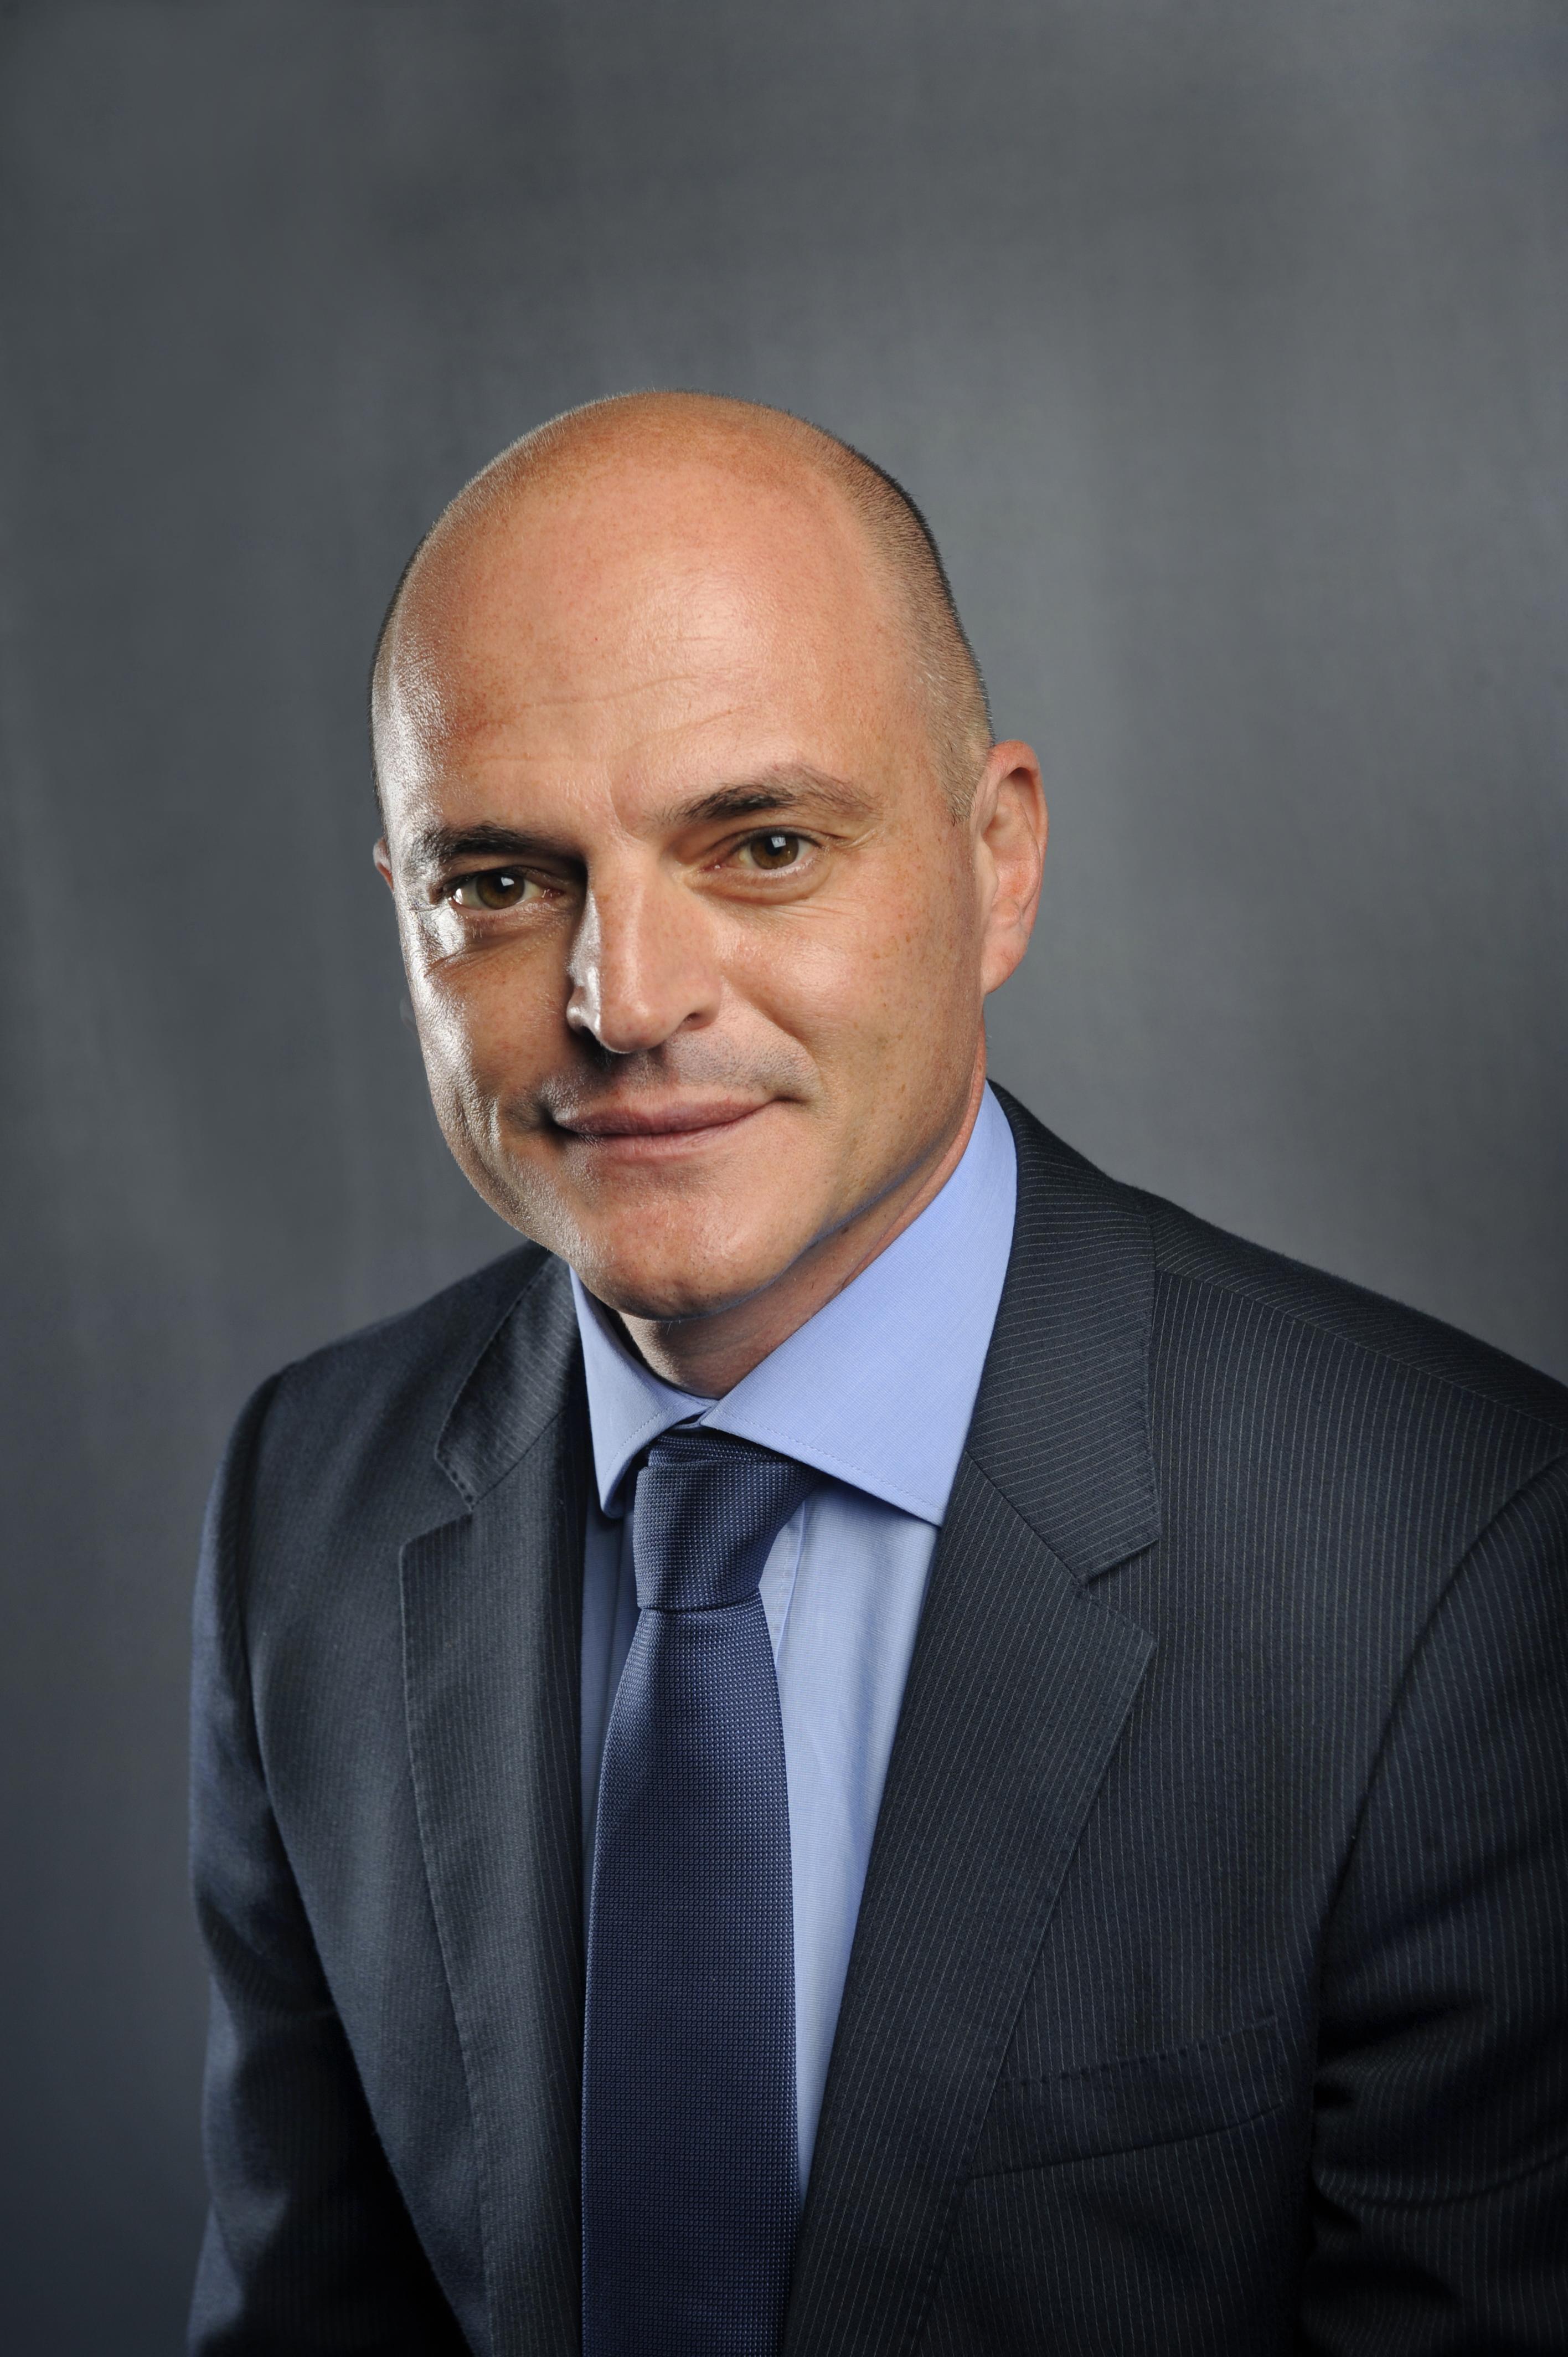 David Ambrosiano